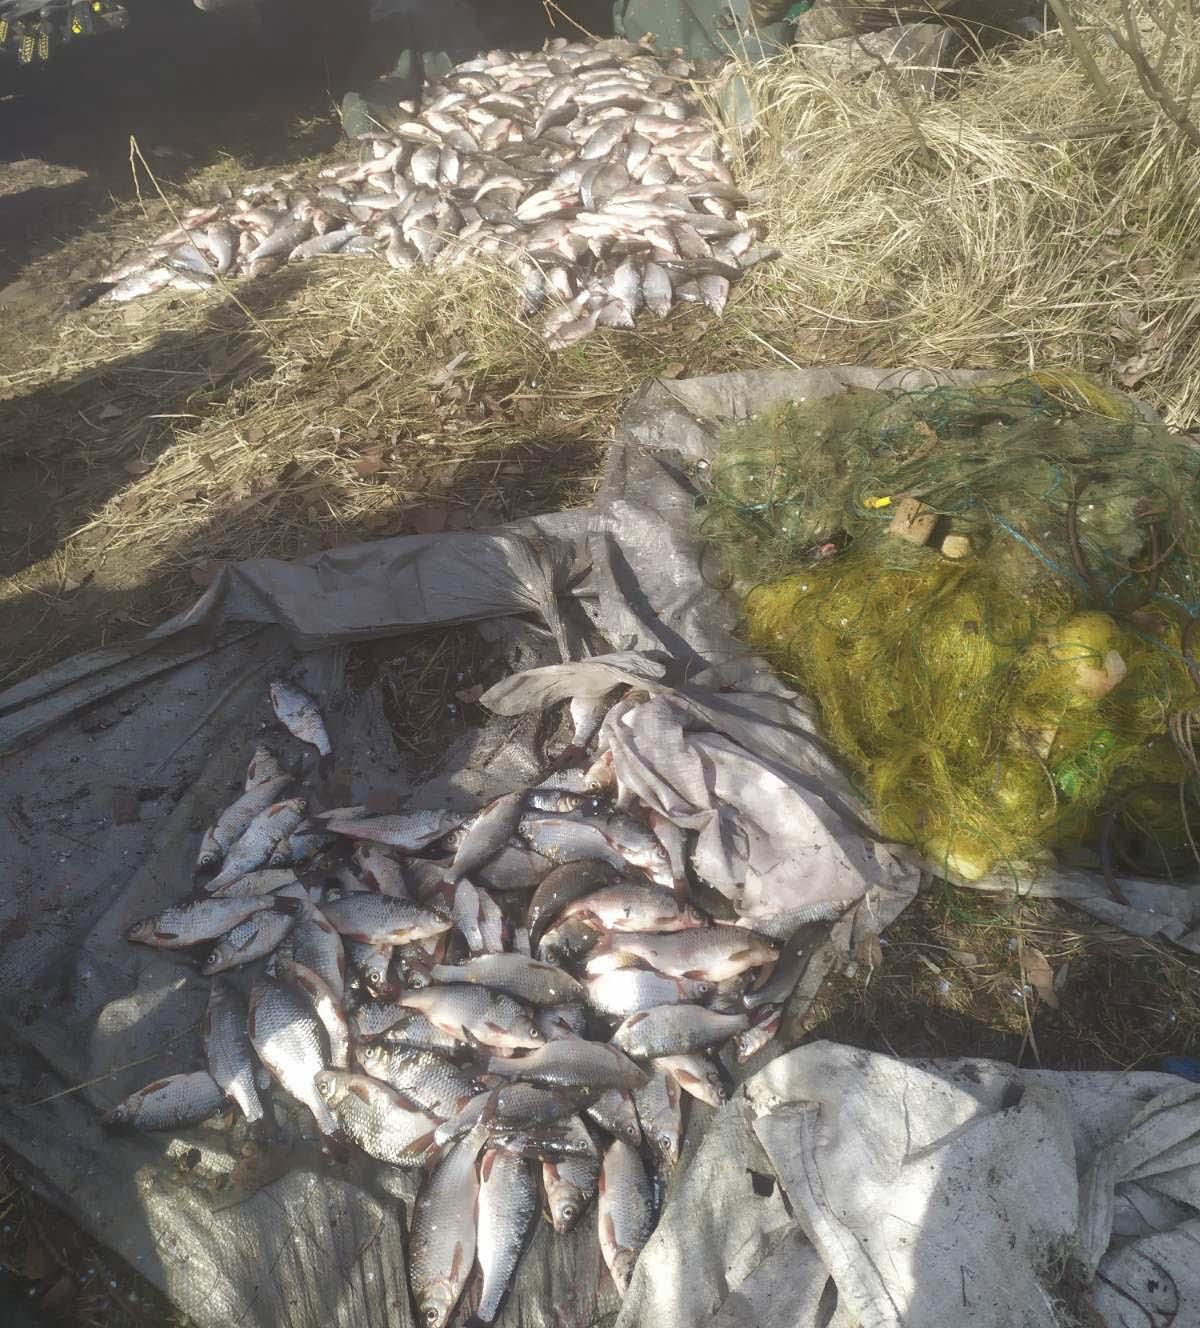 Без Купюр На Кіровоградщині поліцейські викрили місцевих жителів у незаконному вилові риби Кримінал  Світловодськ риба новини Кіровоградщина 2021 Квітень